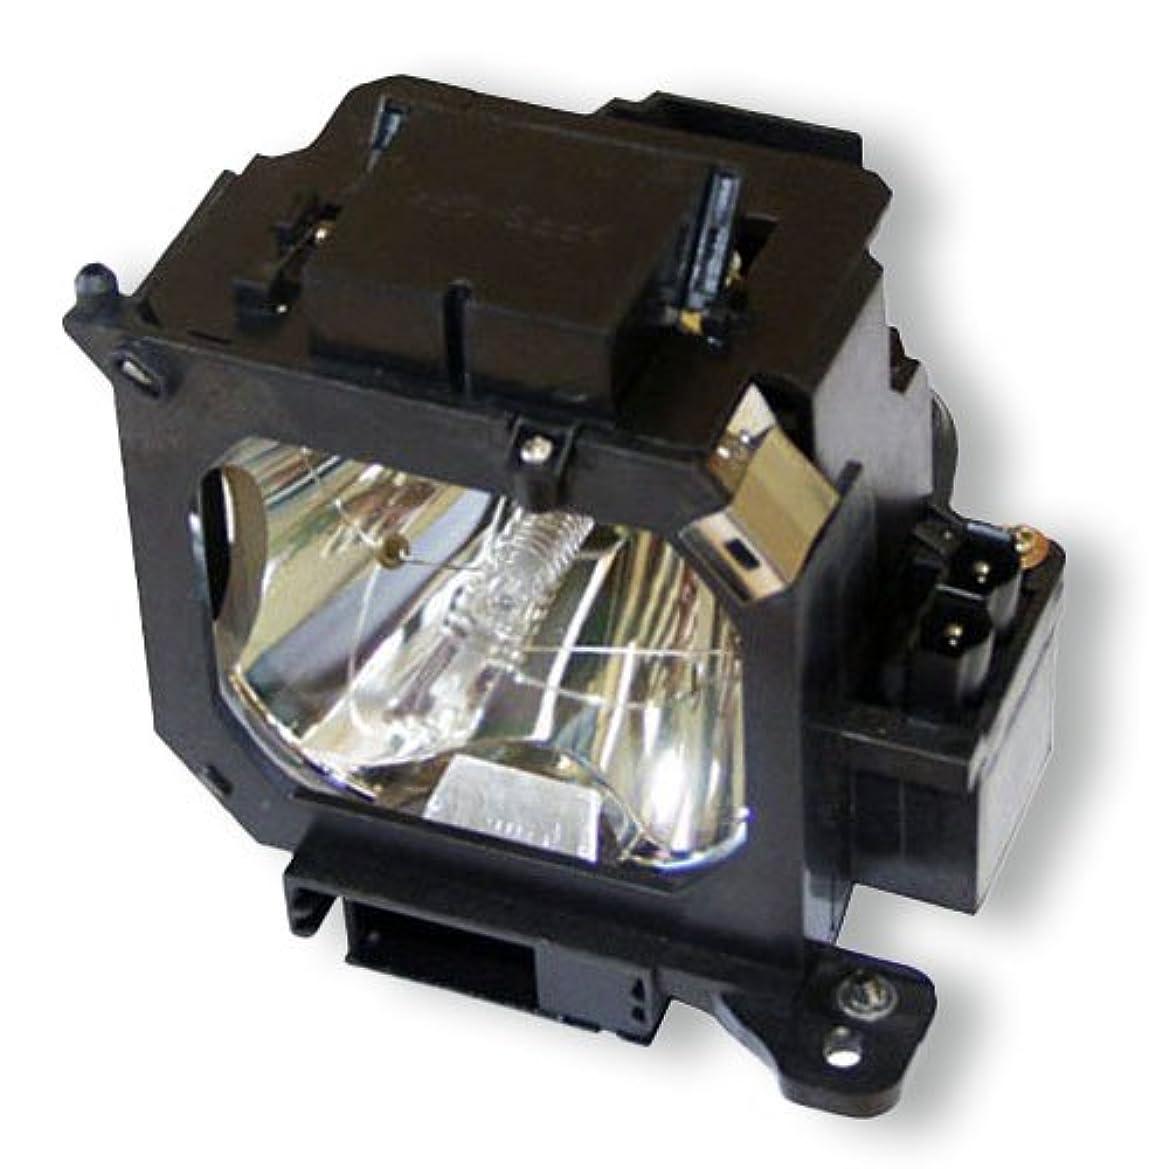 素晴らしい良い多くの不利益魅力的であることへのアピールEpson EMP-7900 ハイブリッド交換用ランプ オリジナル電球とエプソンプロジェクター用の汎用ケーシング